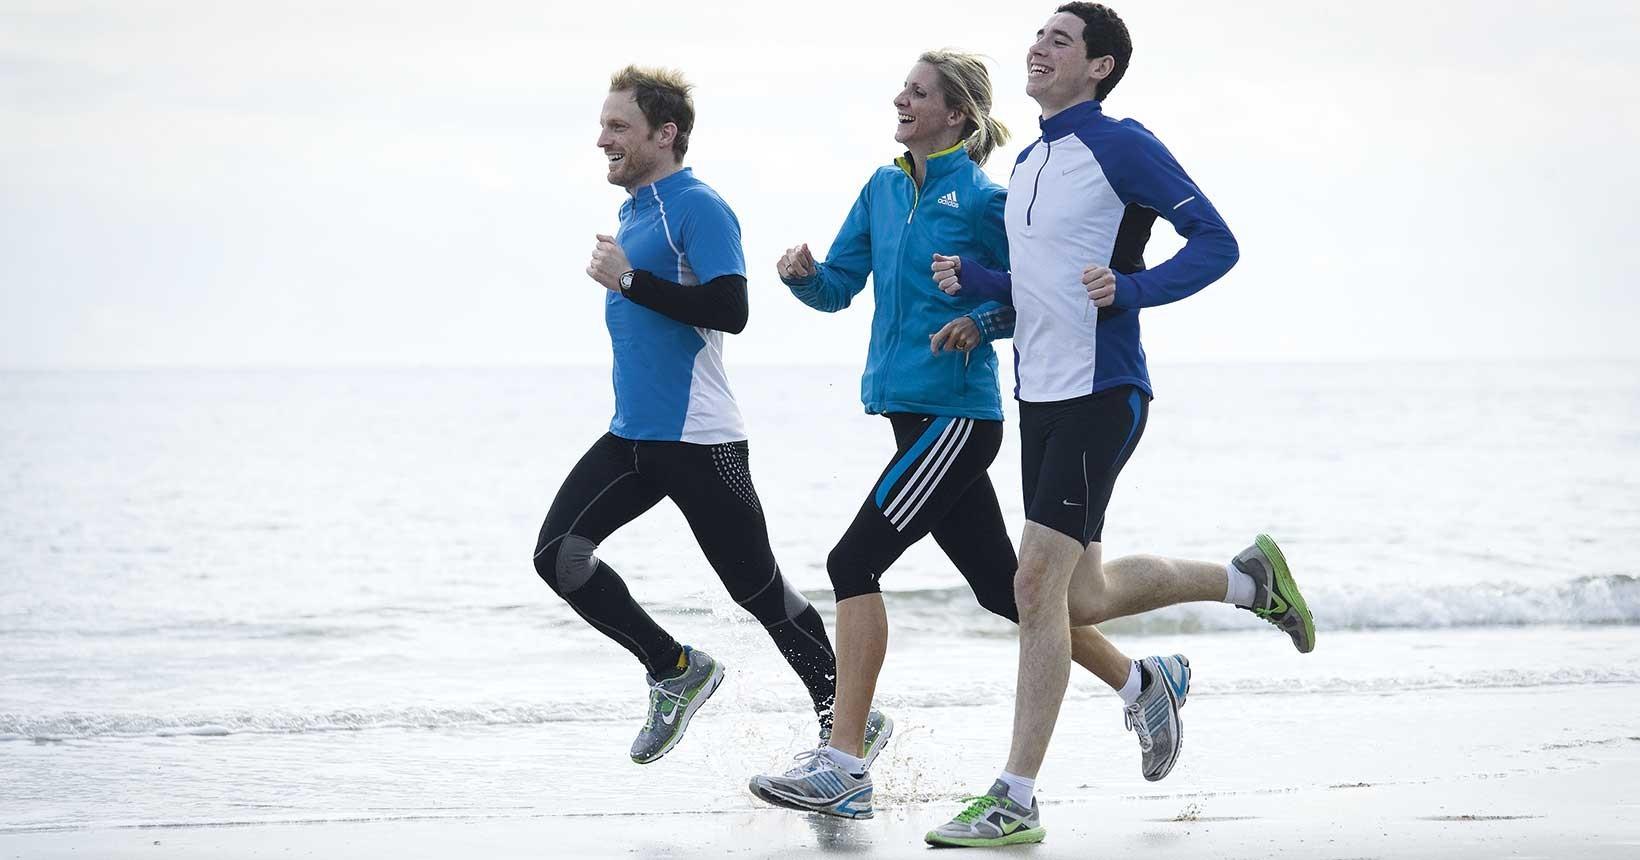 börja jogga nybörjare